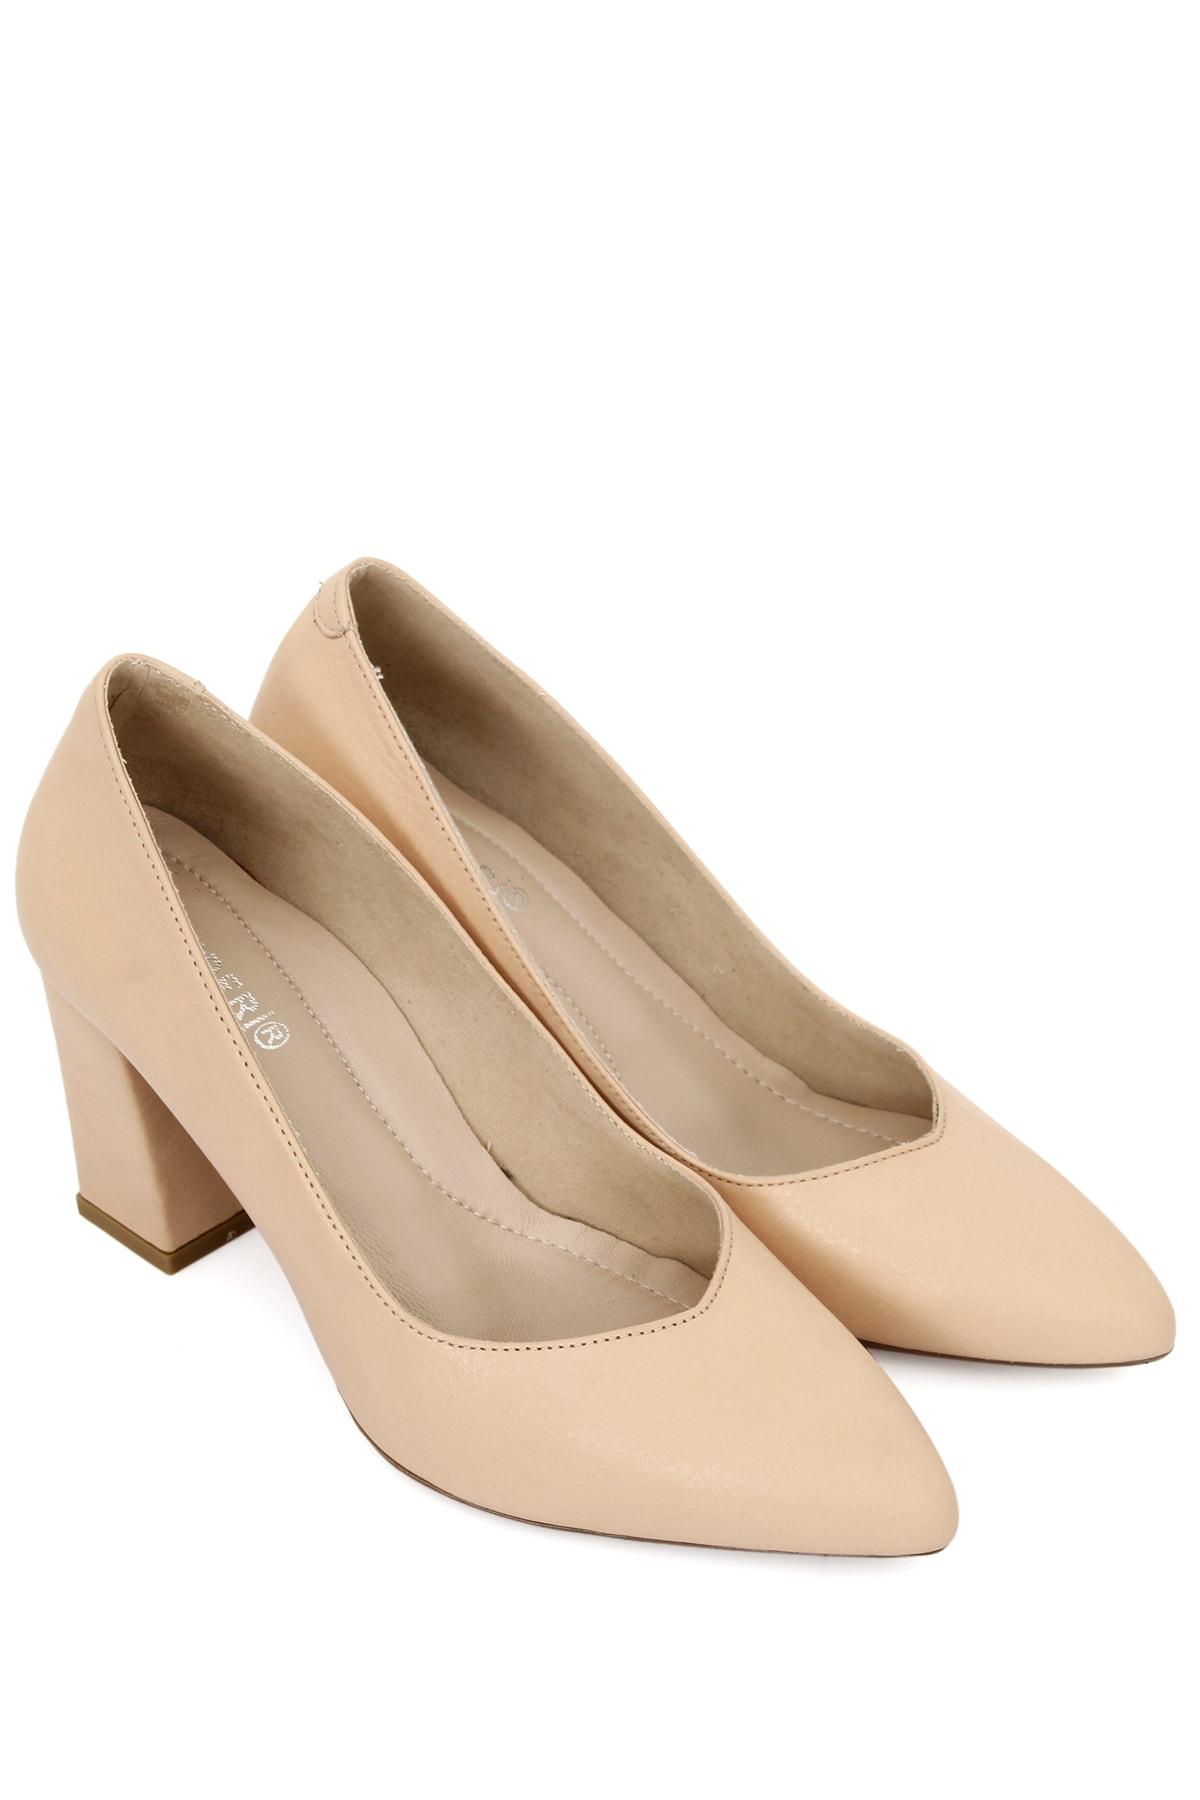 Hakiki Deri Ten Sivri Burun Yüksek Kalın Topuklu Kadın Ayakkabı 24171